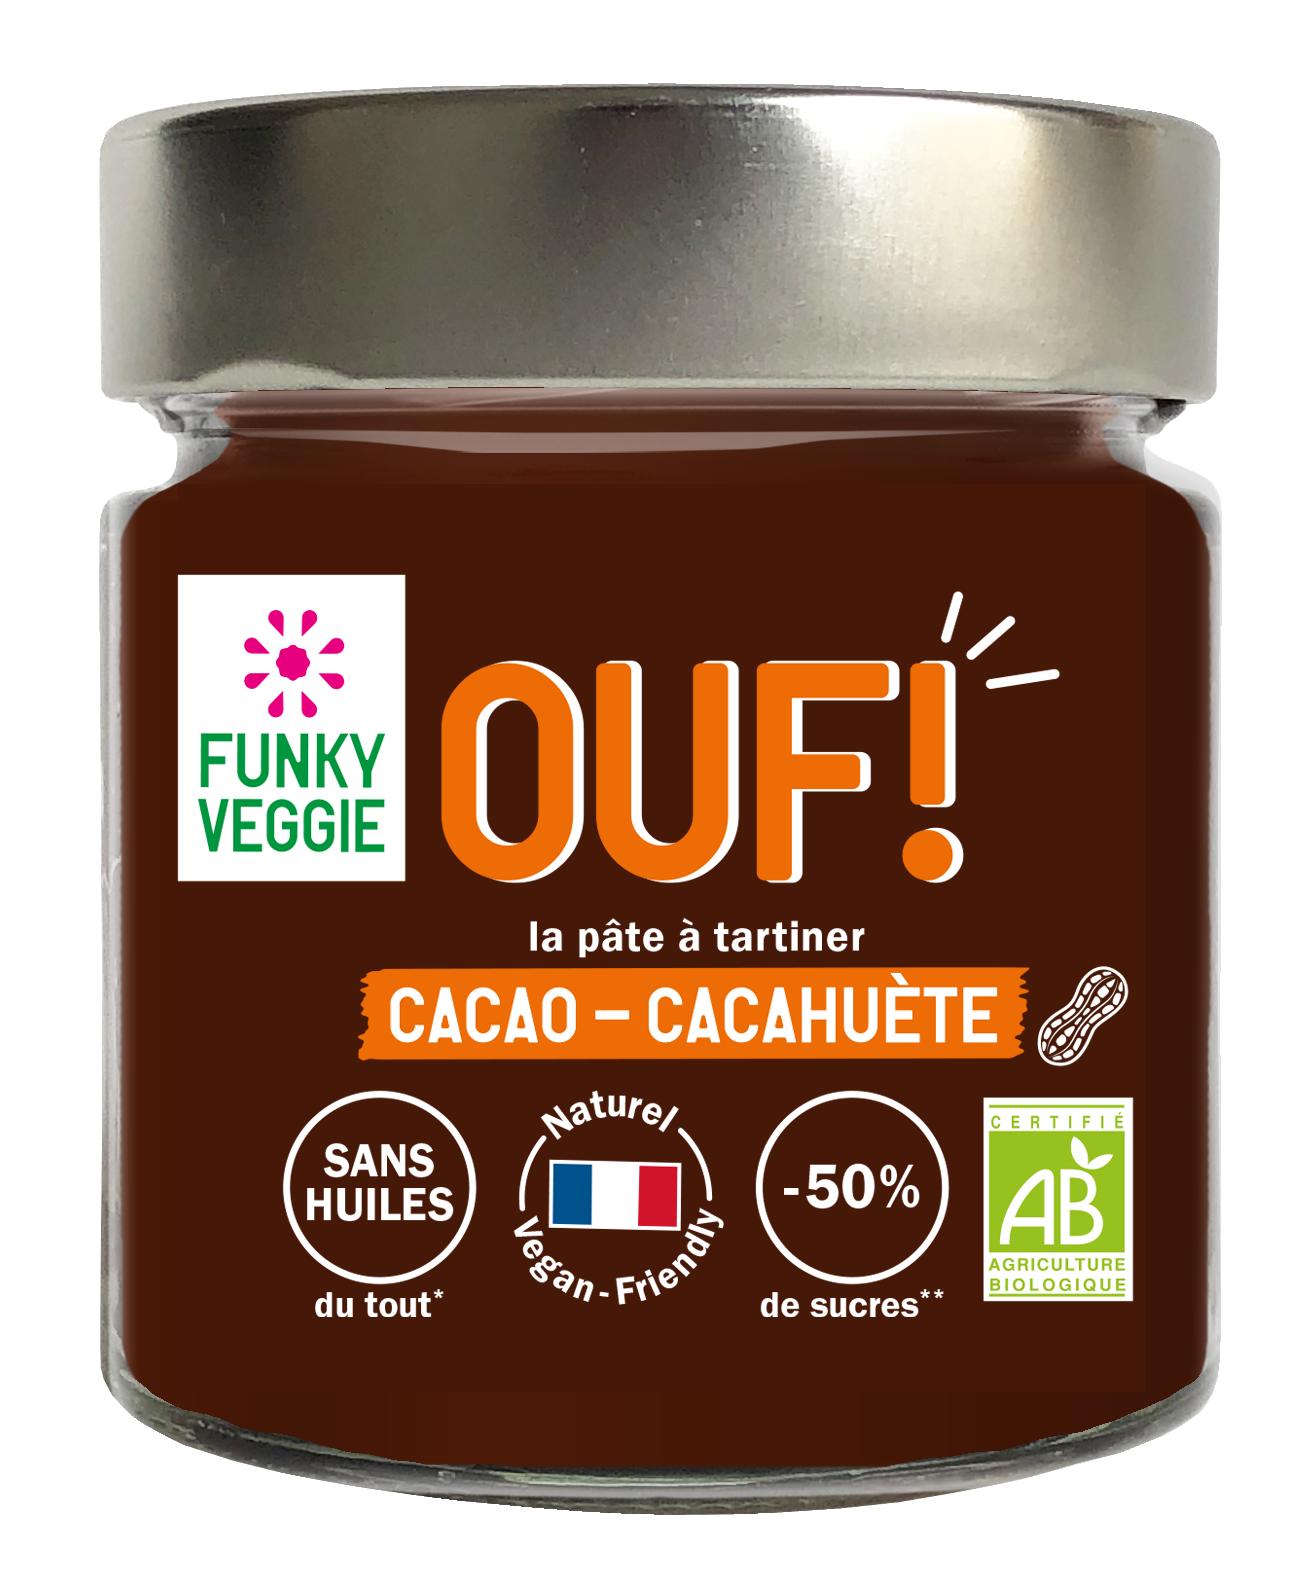 OUF! La pâte à tartiner Cacao Cacahuète BIO, Funky Veggie (200 g)